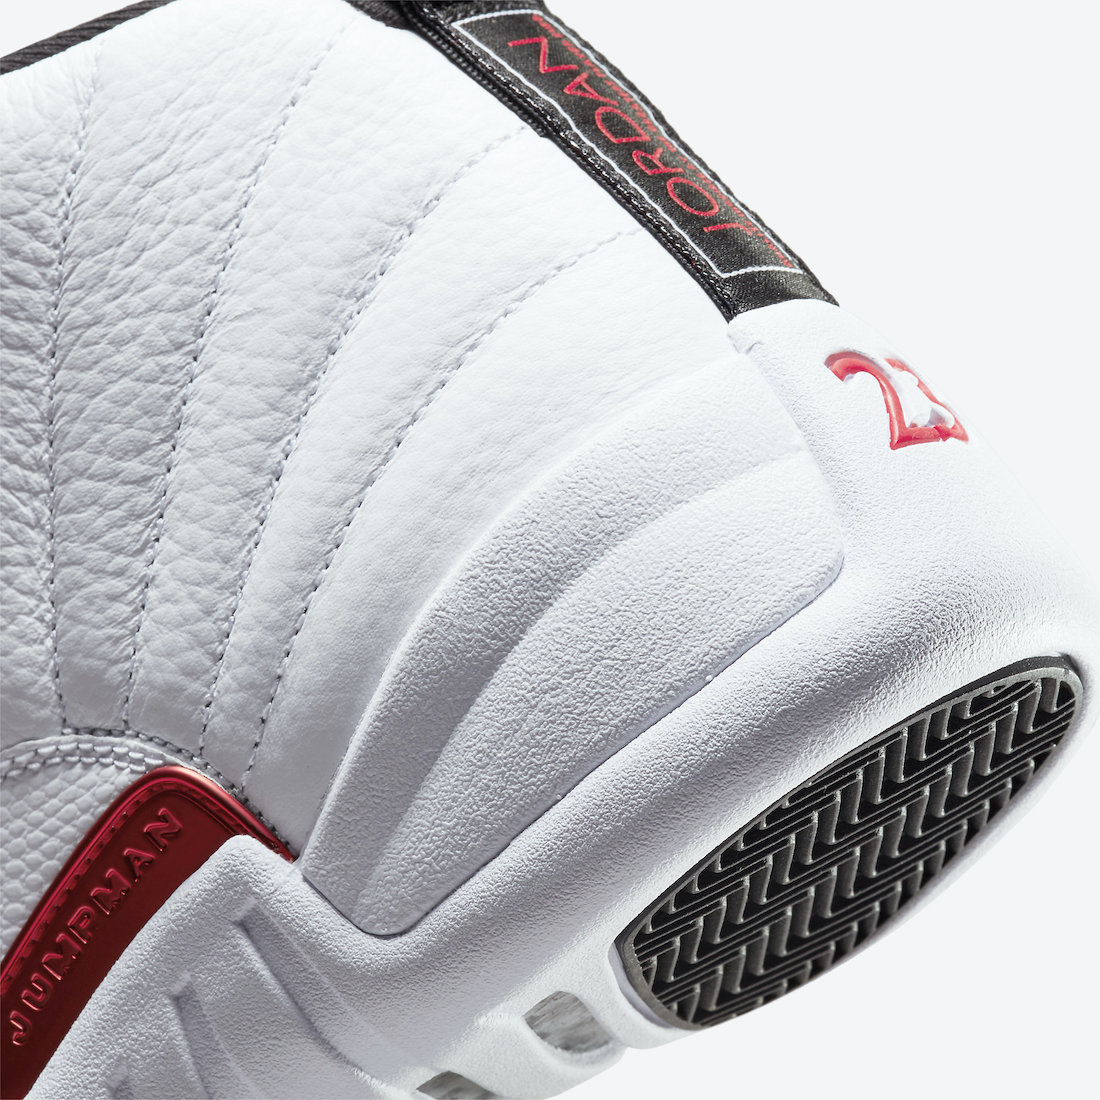 Jordan,AJ12,Twist  本月发售!全新 AJ12 「Twist」 官图曝光!